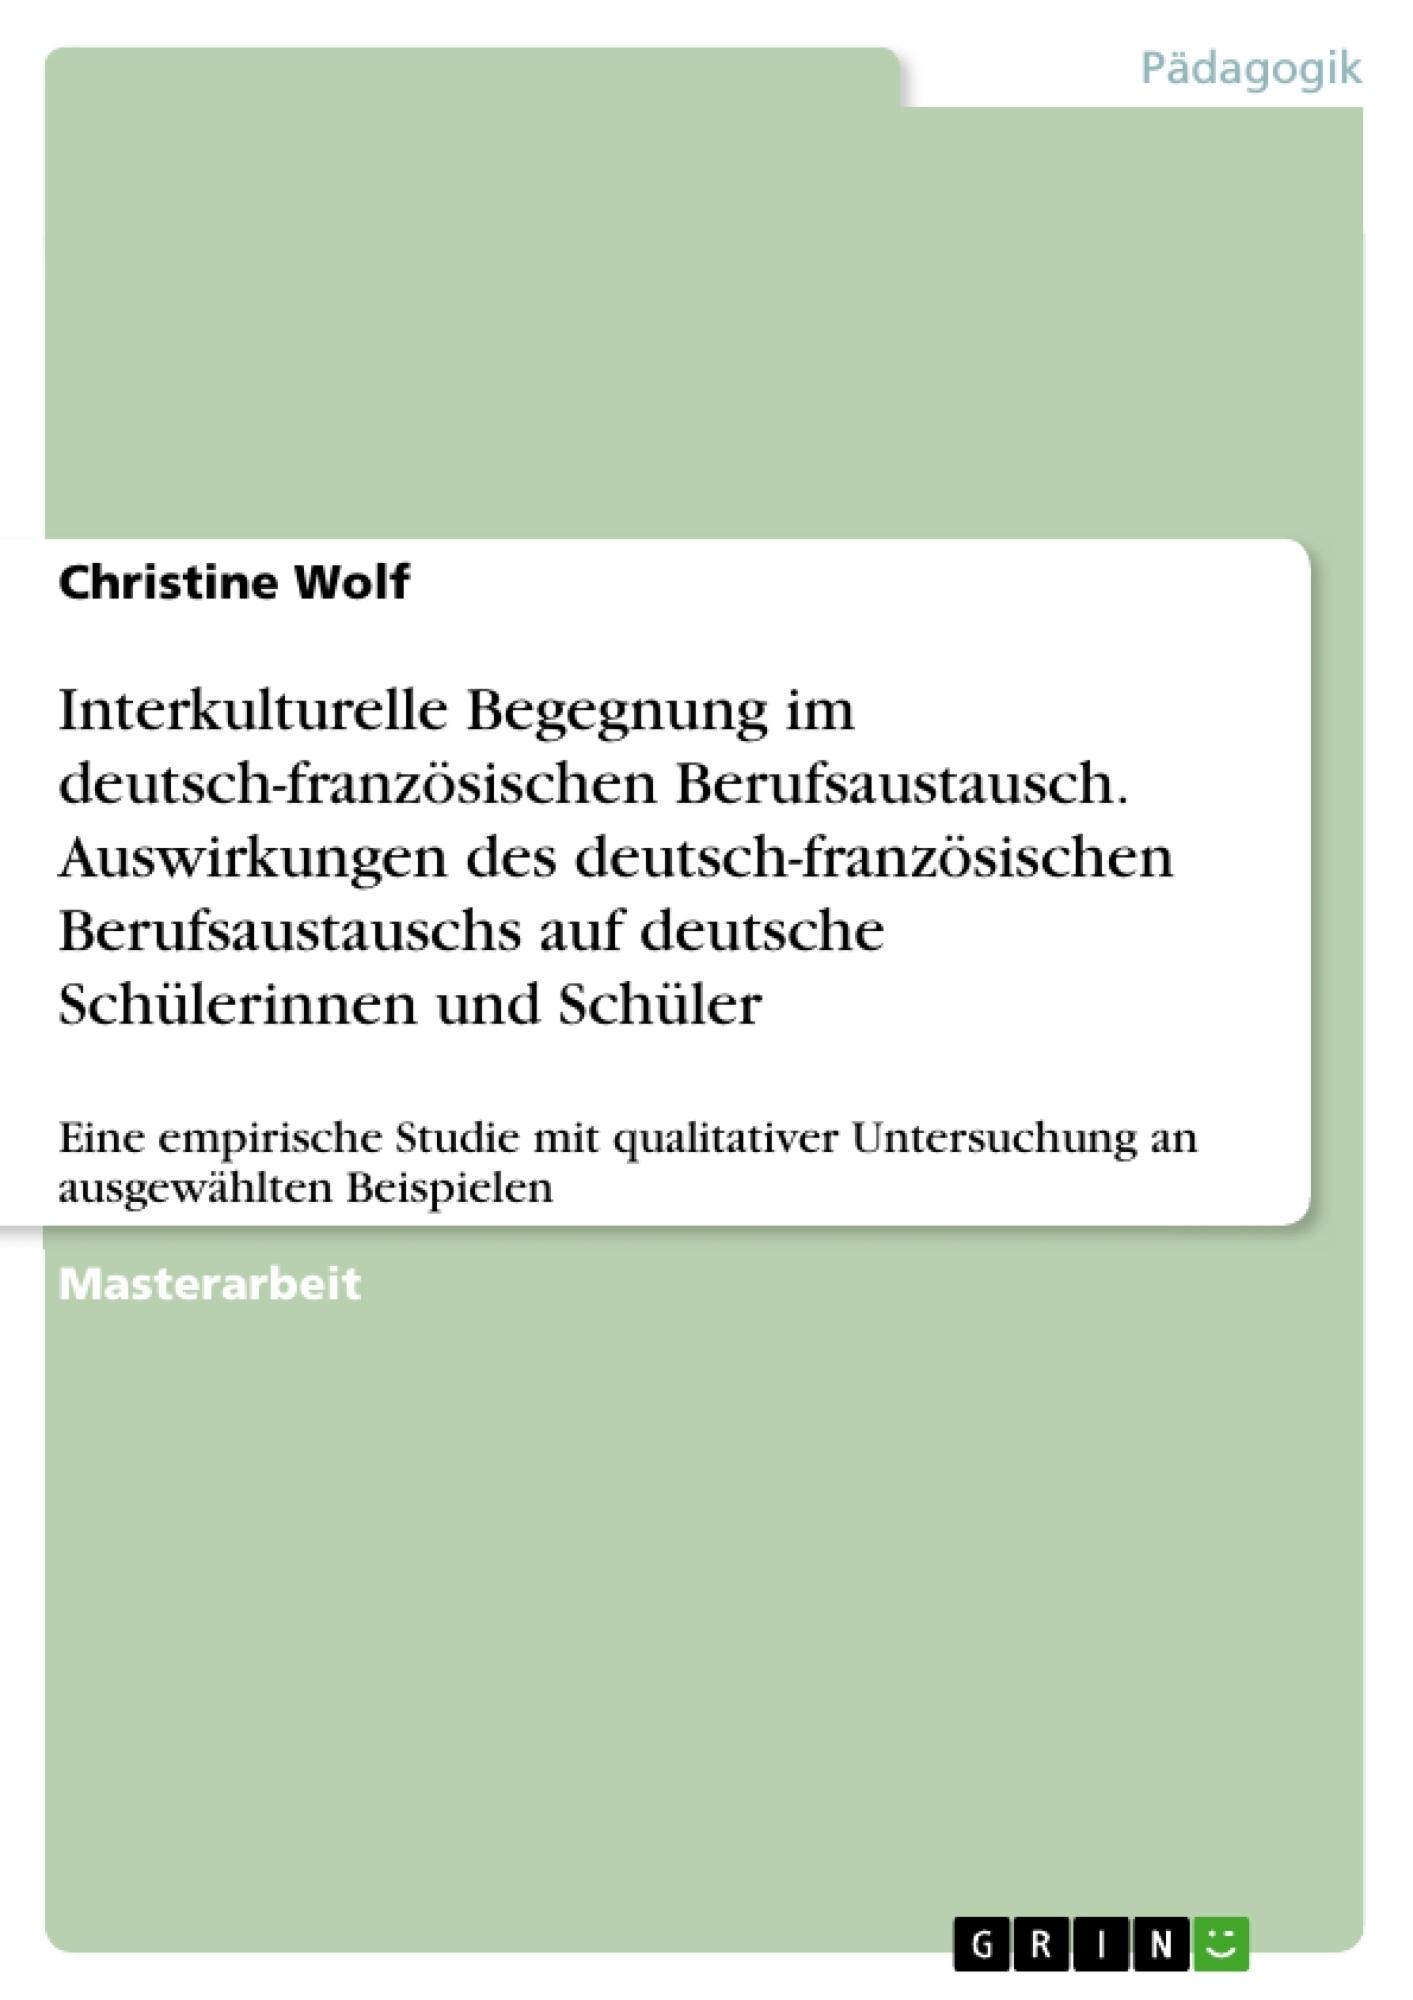 Titel: Interkulturelle Begegnung im deutsch-französischen Berufsaustausch. Auswirkungen des deutsch-französischen Berufsaustauschs auf deutsche Schülerinnen und Schüler